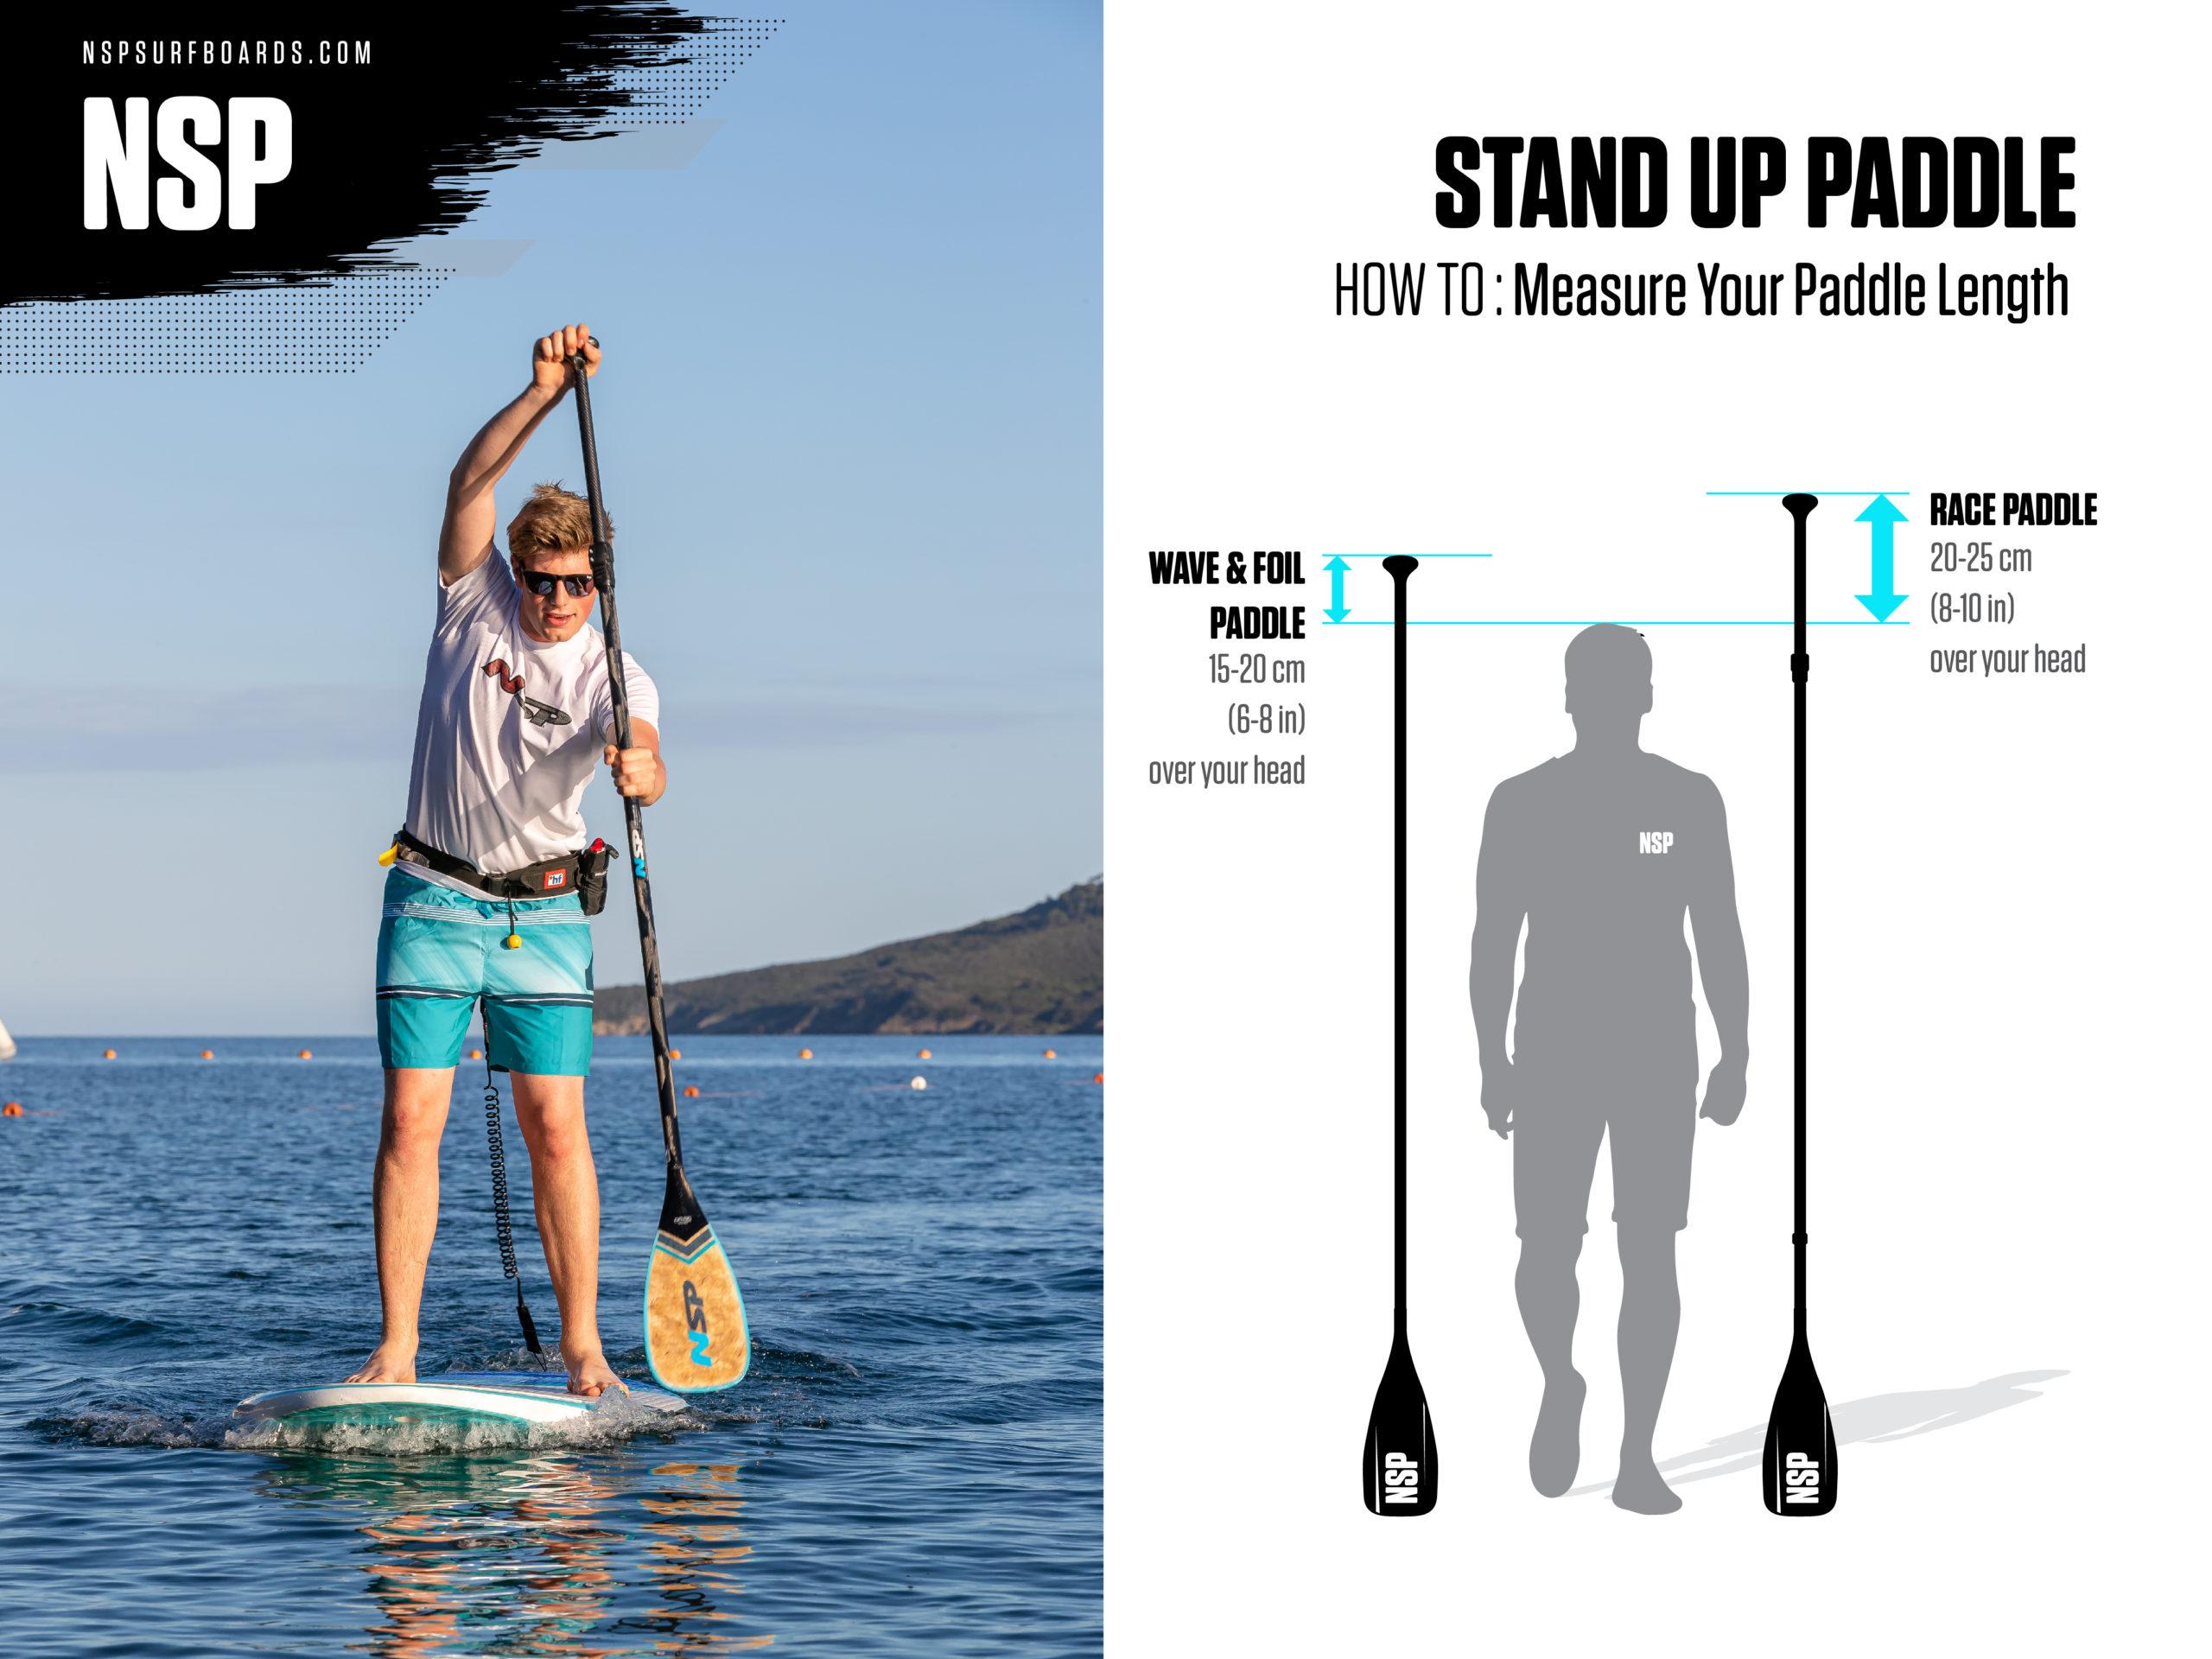 Paddle Range Comparison